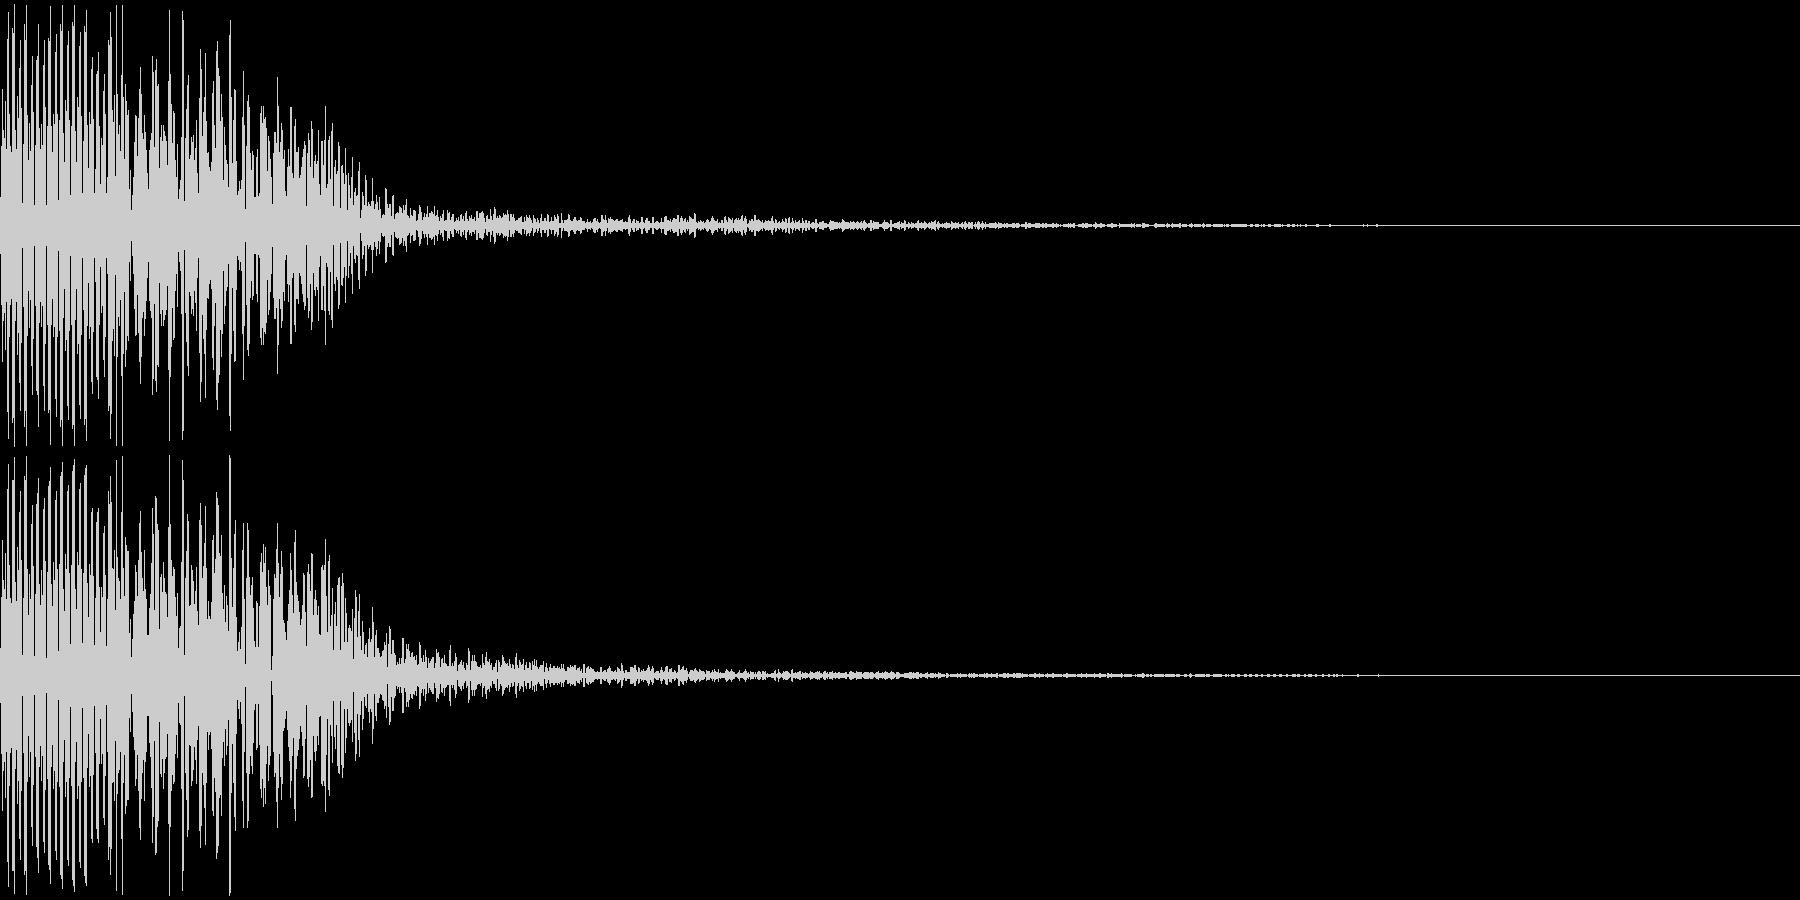 キャンセル、失敗音の未再生の波形